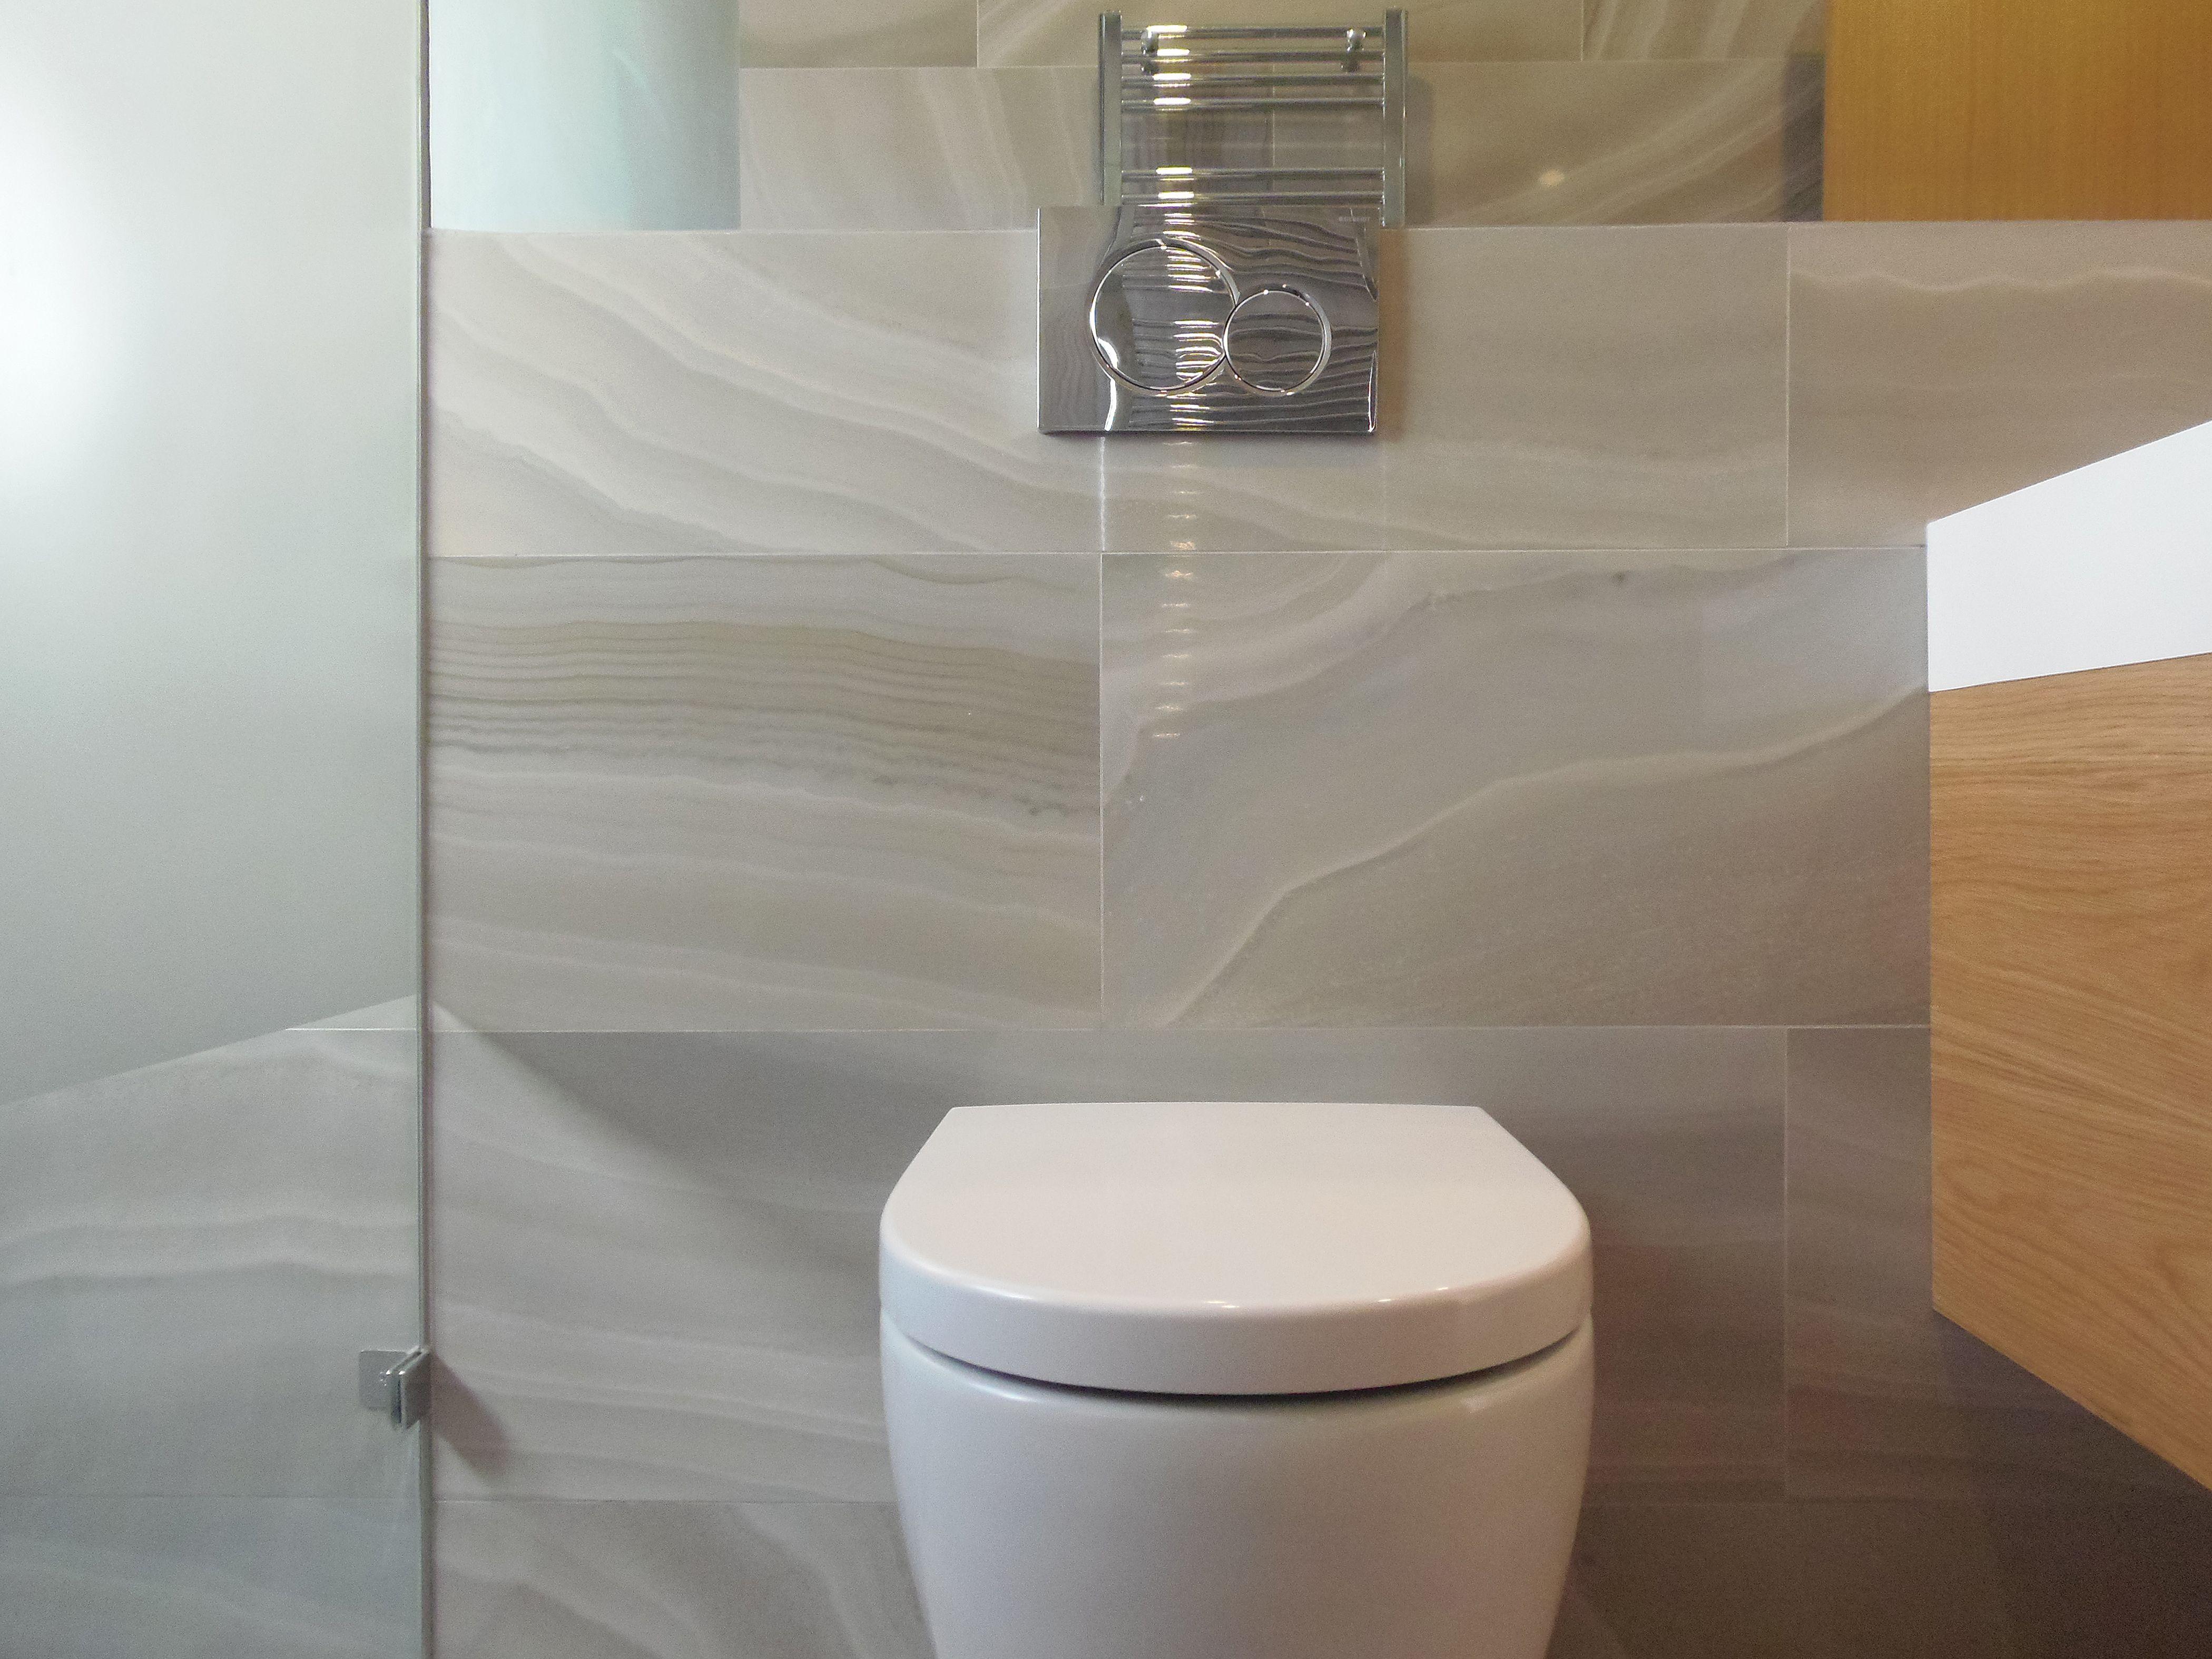 Casa do António #bathroom #upcycled #storage #homedecor #bath #furniture #interiors #interiordesign #homeinspiration #details #homesweethome #homestoriespt #umaobraumahistória